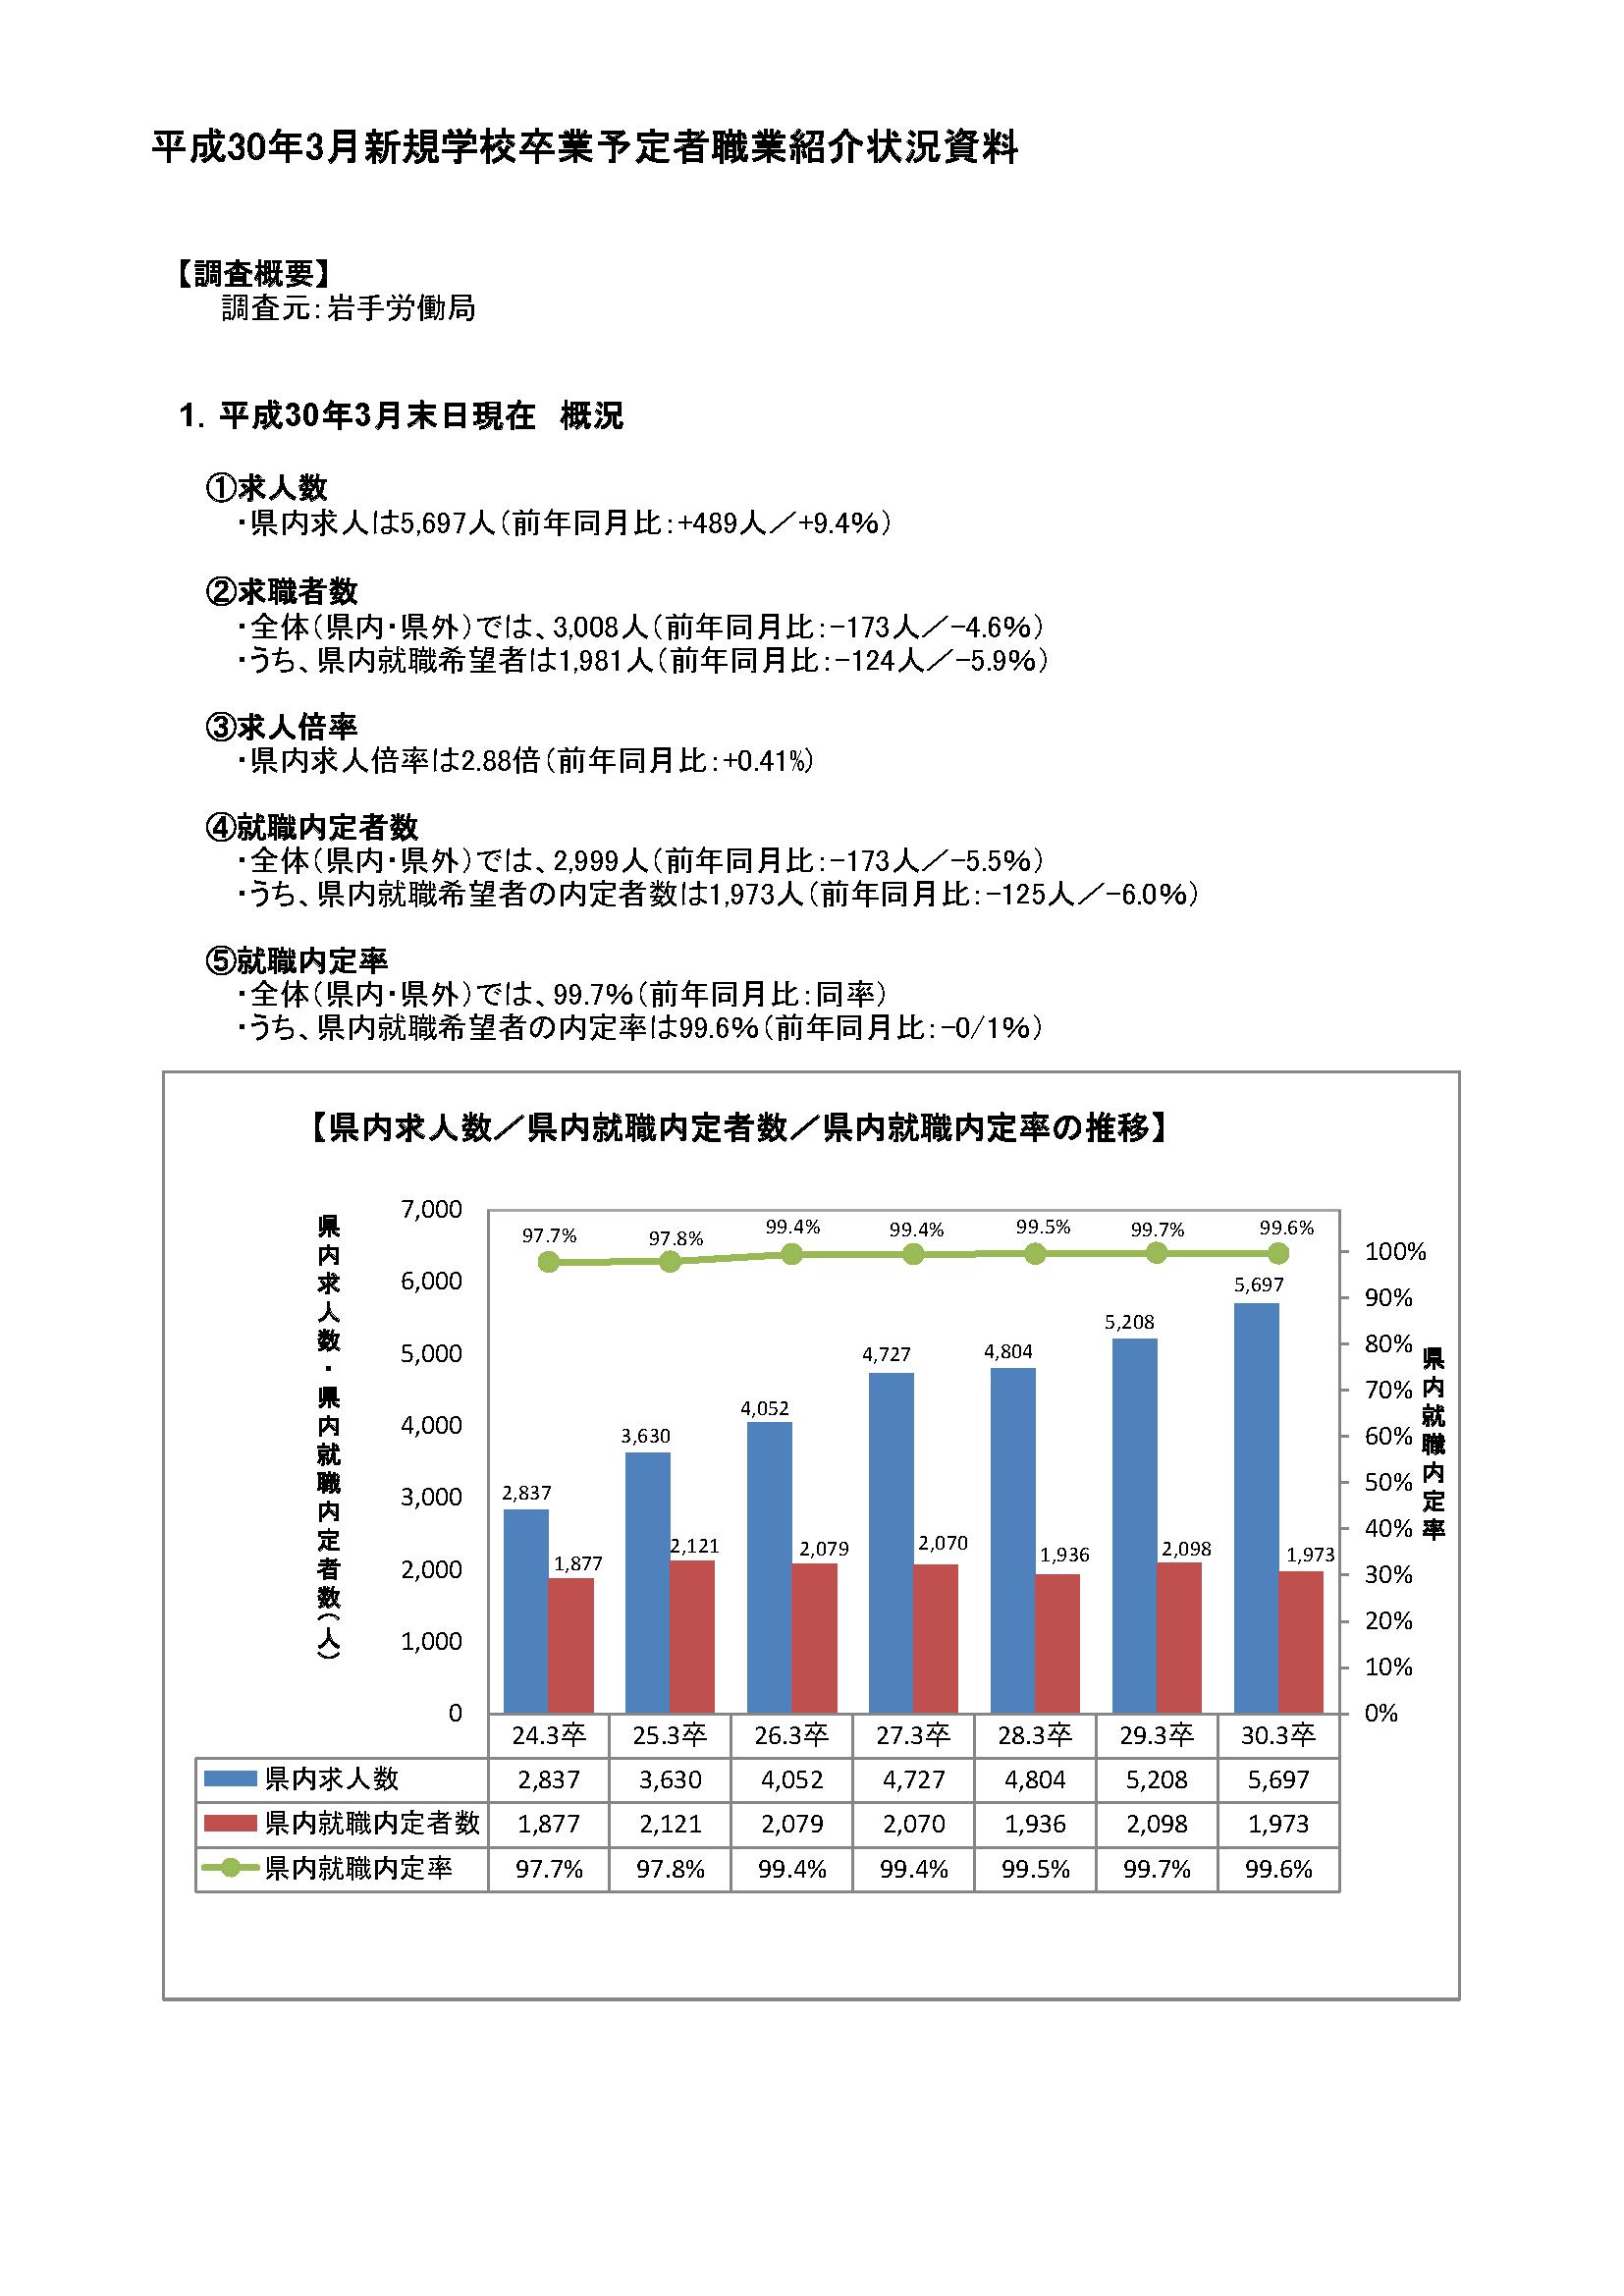 H30.3月高卒者職業紹介状況資料(201803月末現在)